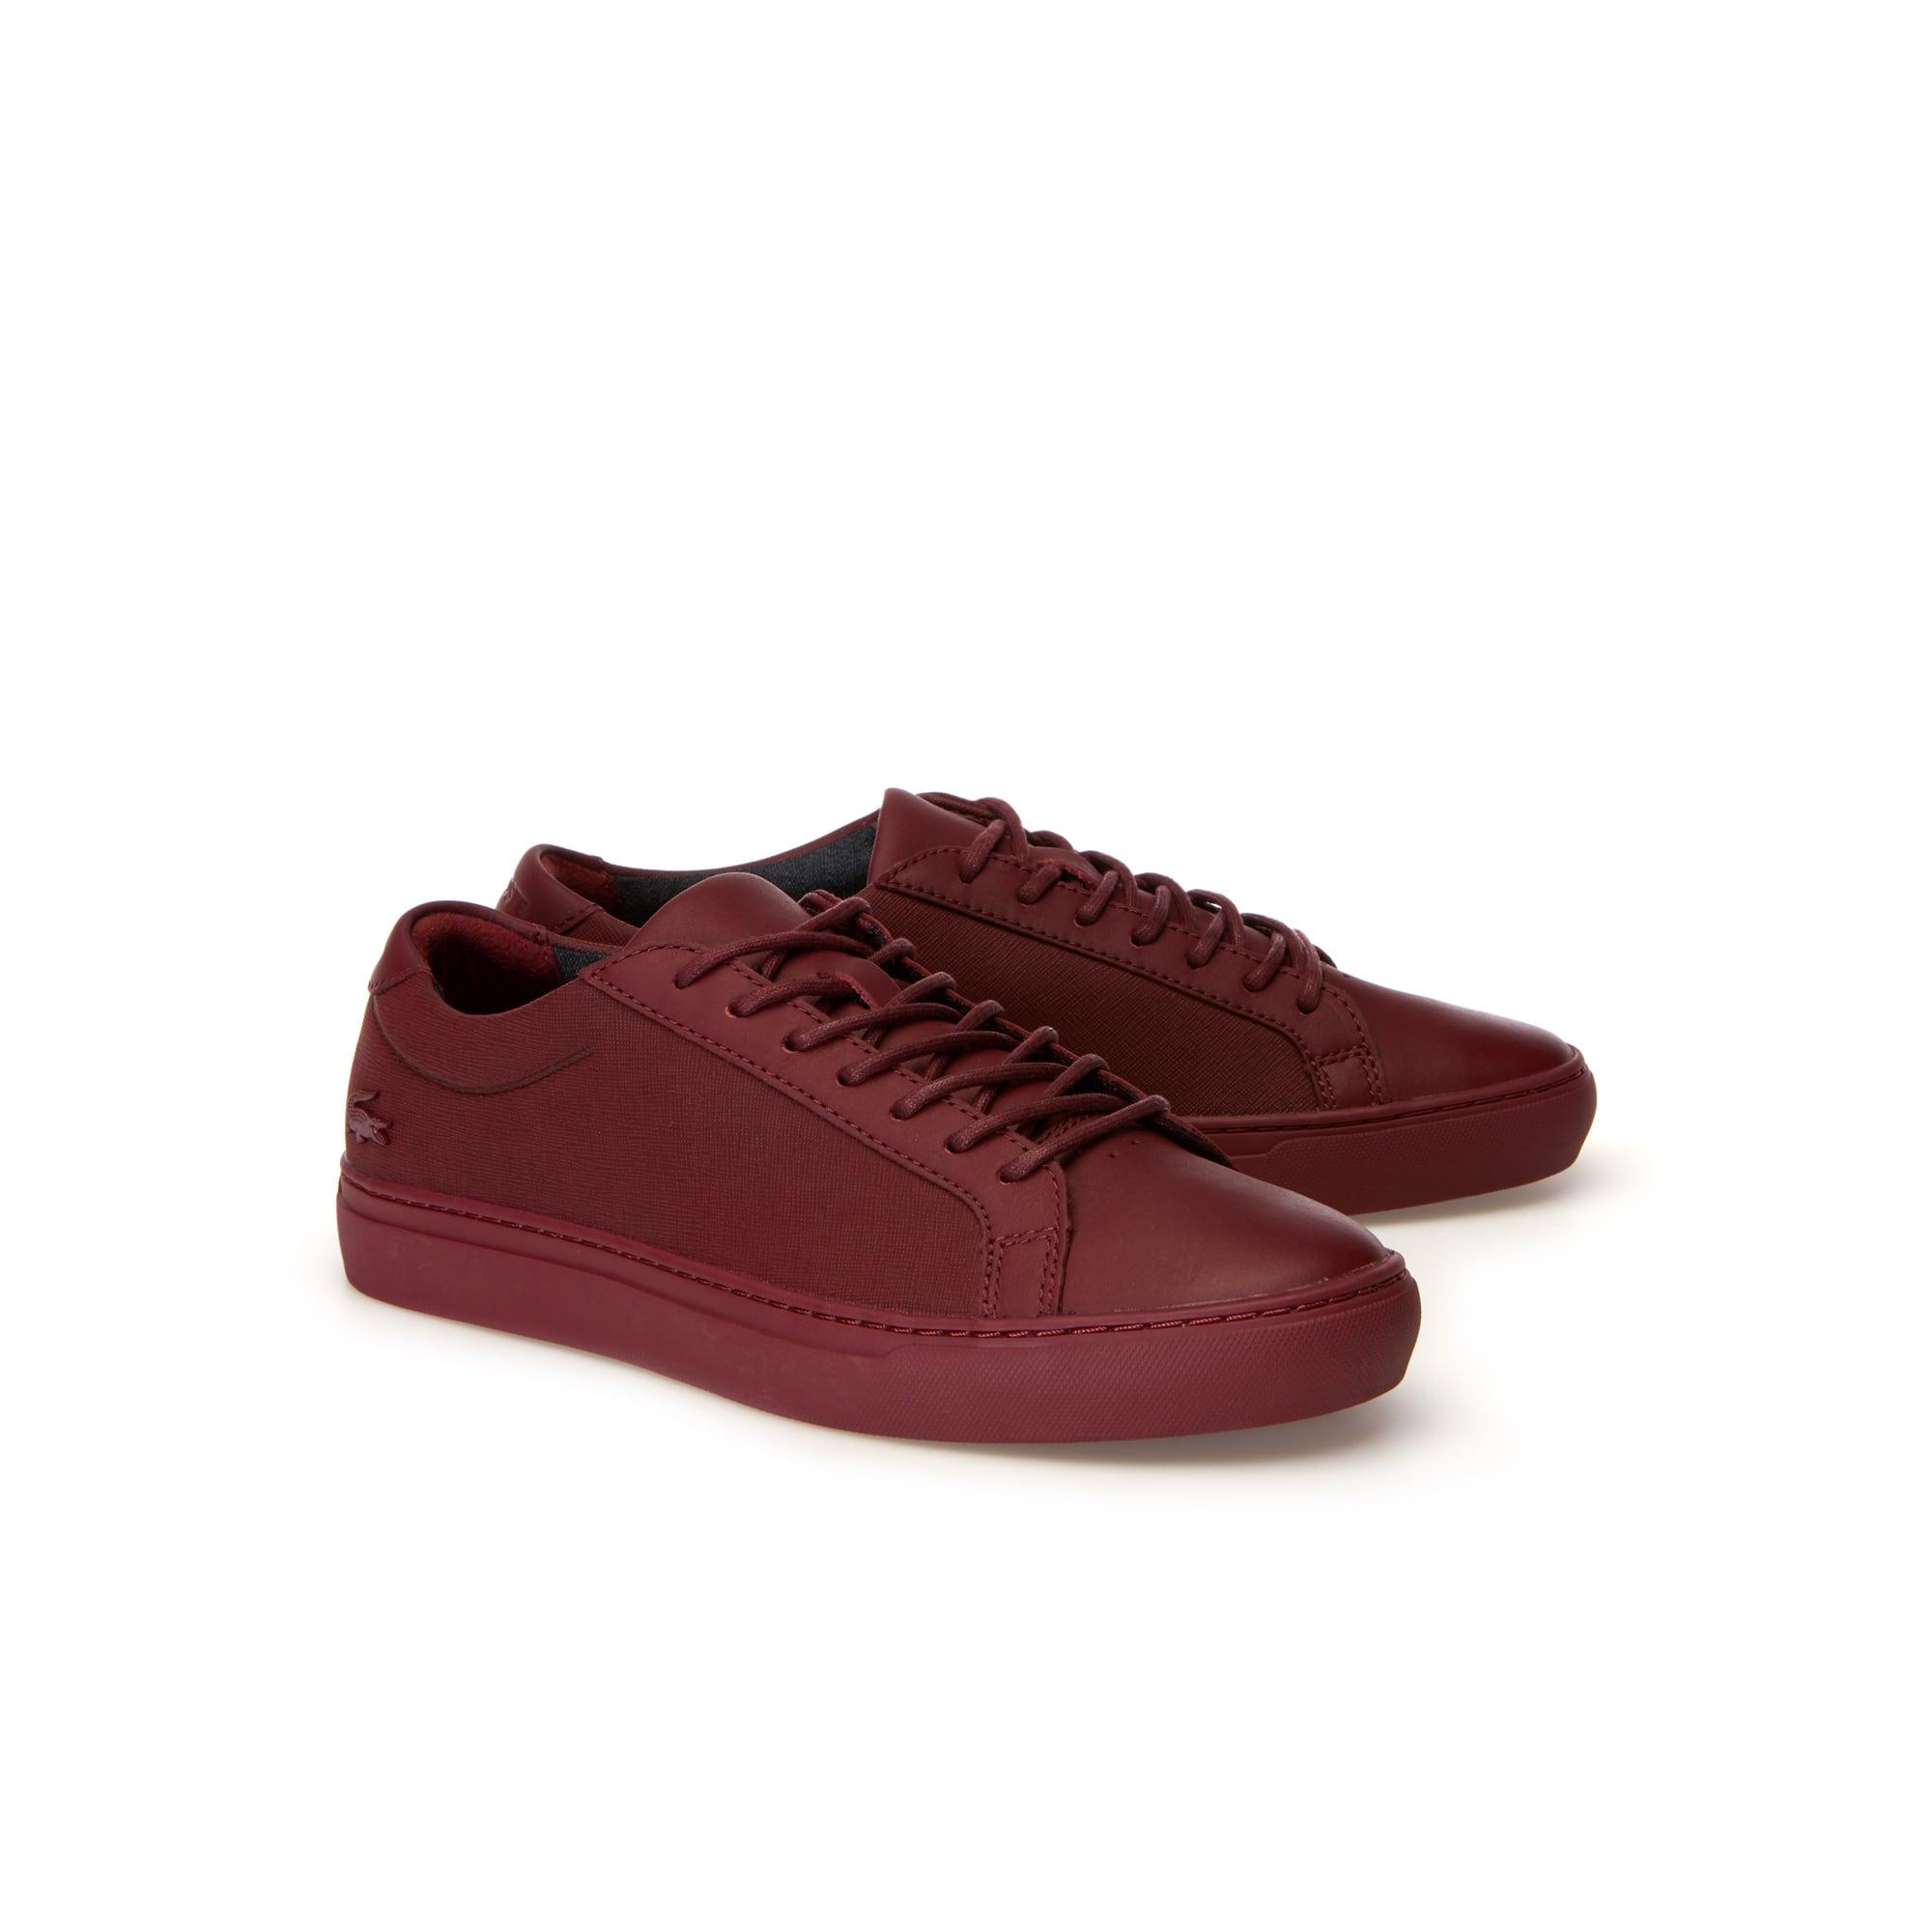 Lacoste - Sneakers L.12.12 homme en cuir de qualité supérieure - 2